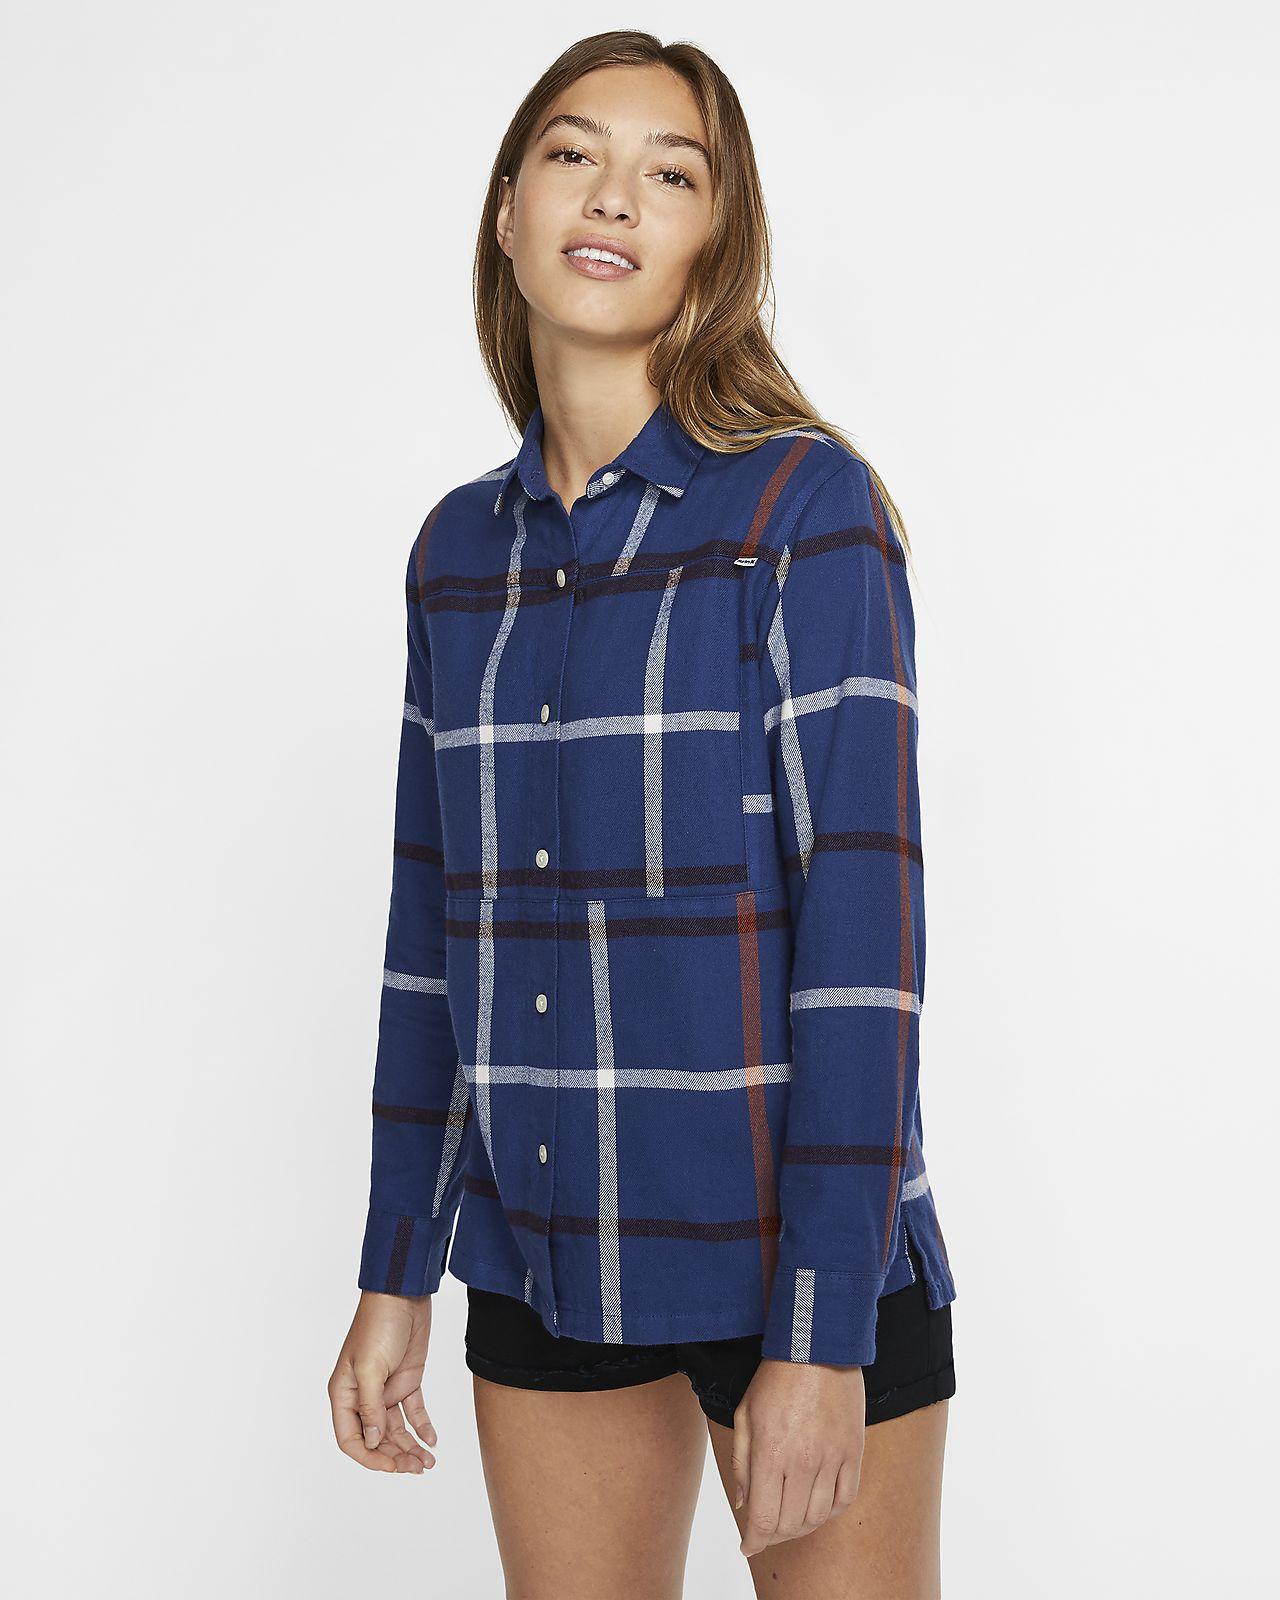 Женская рубашка из тканого материала с длинным рукавом Hurley Wilson Flannel